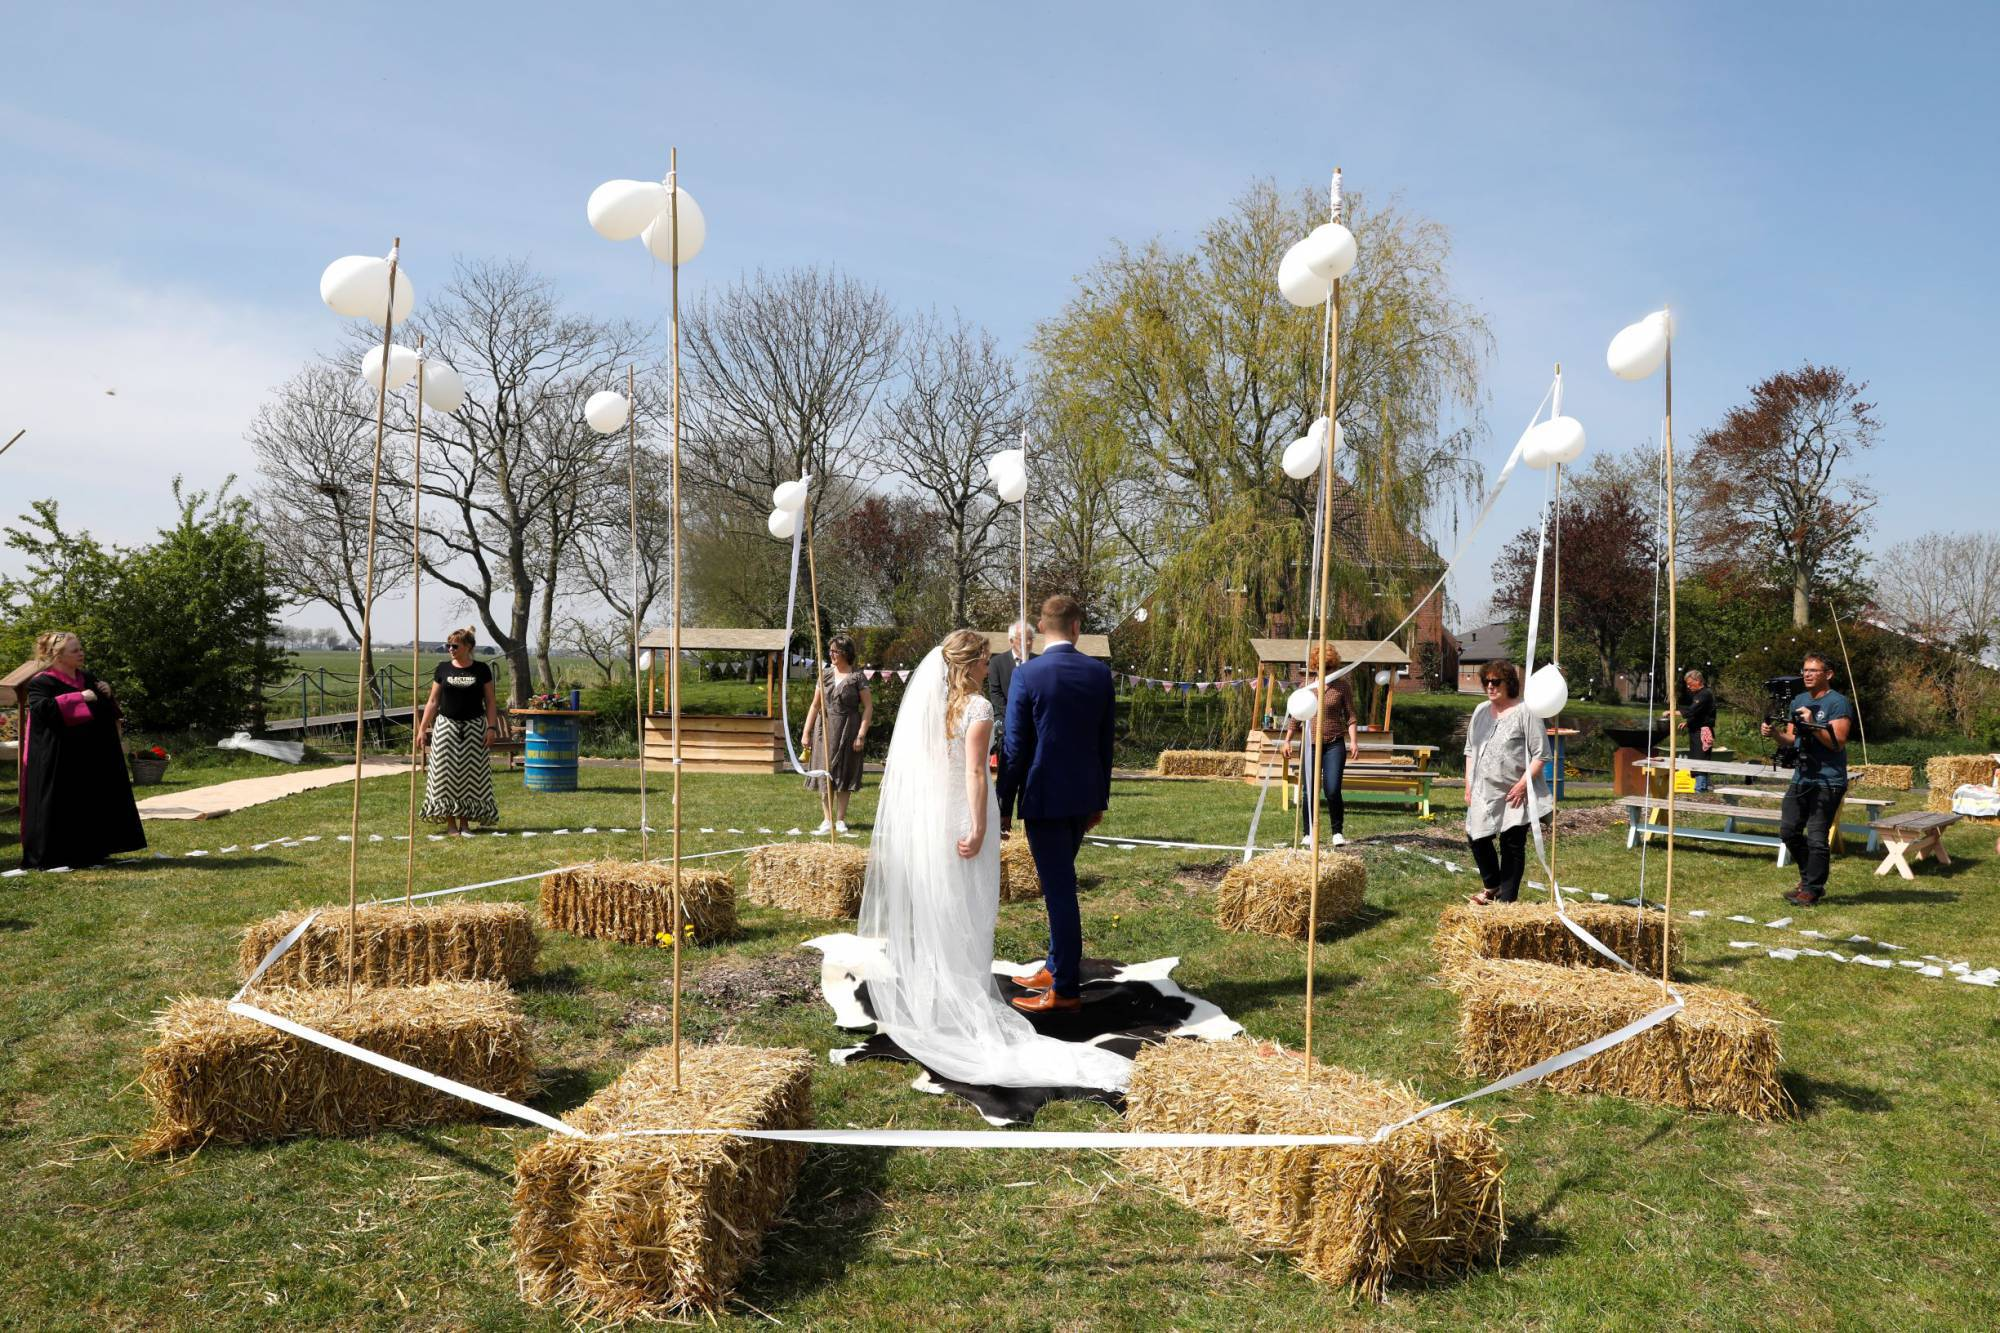 Festival Bruiloft 1.5 Hayema Heerd Groningen Corona